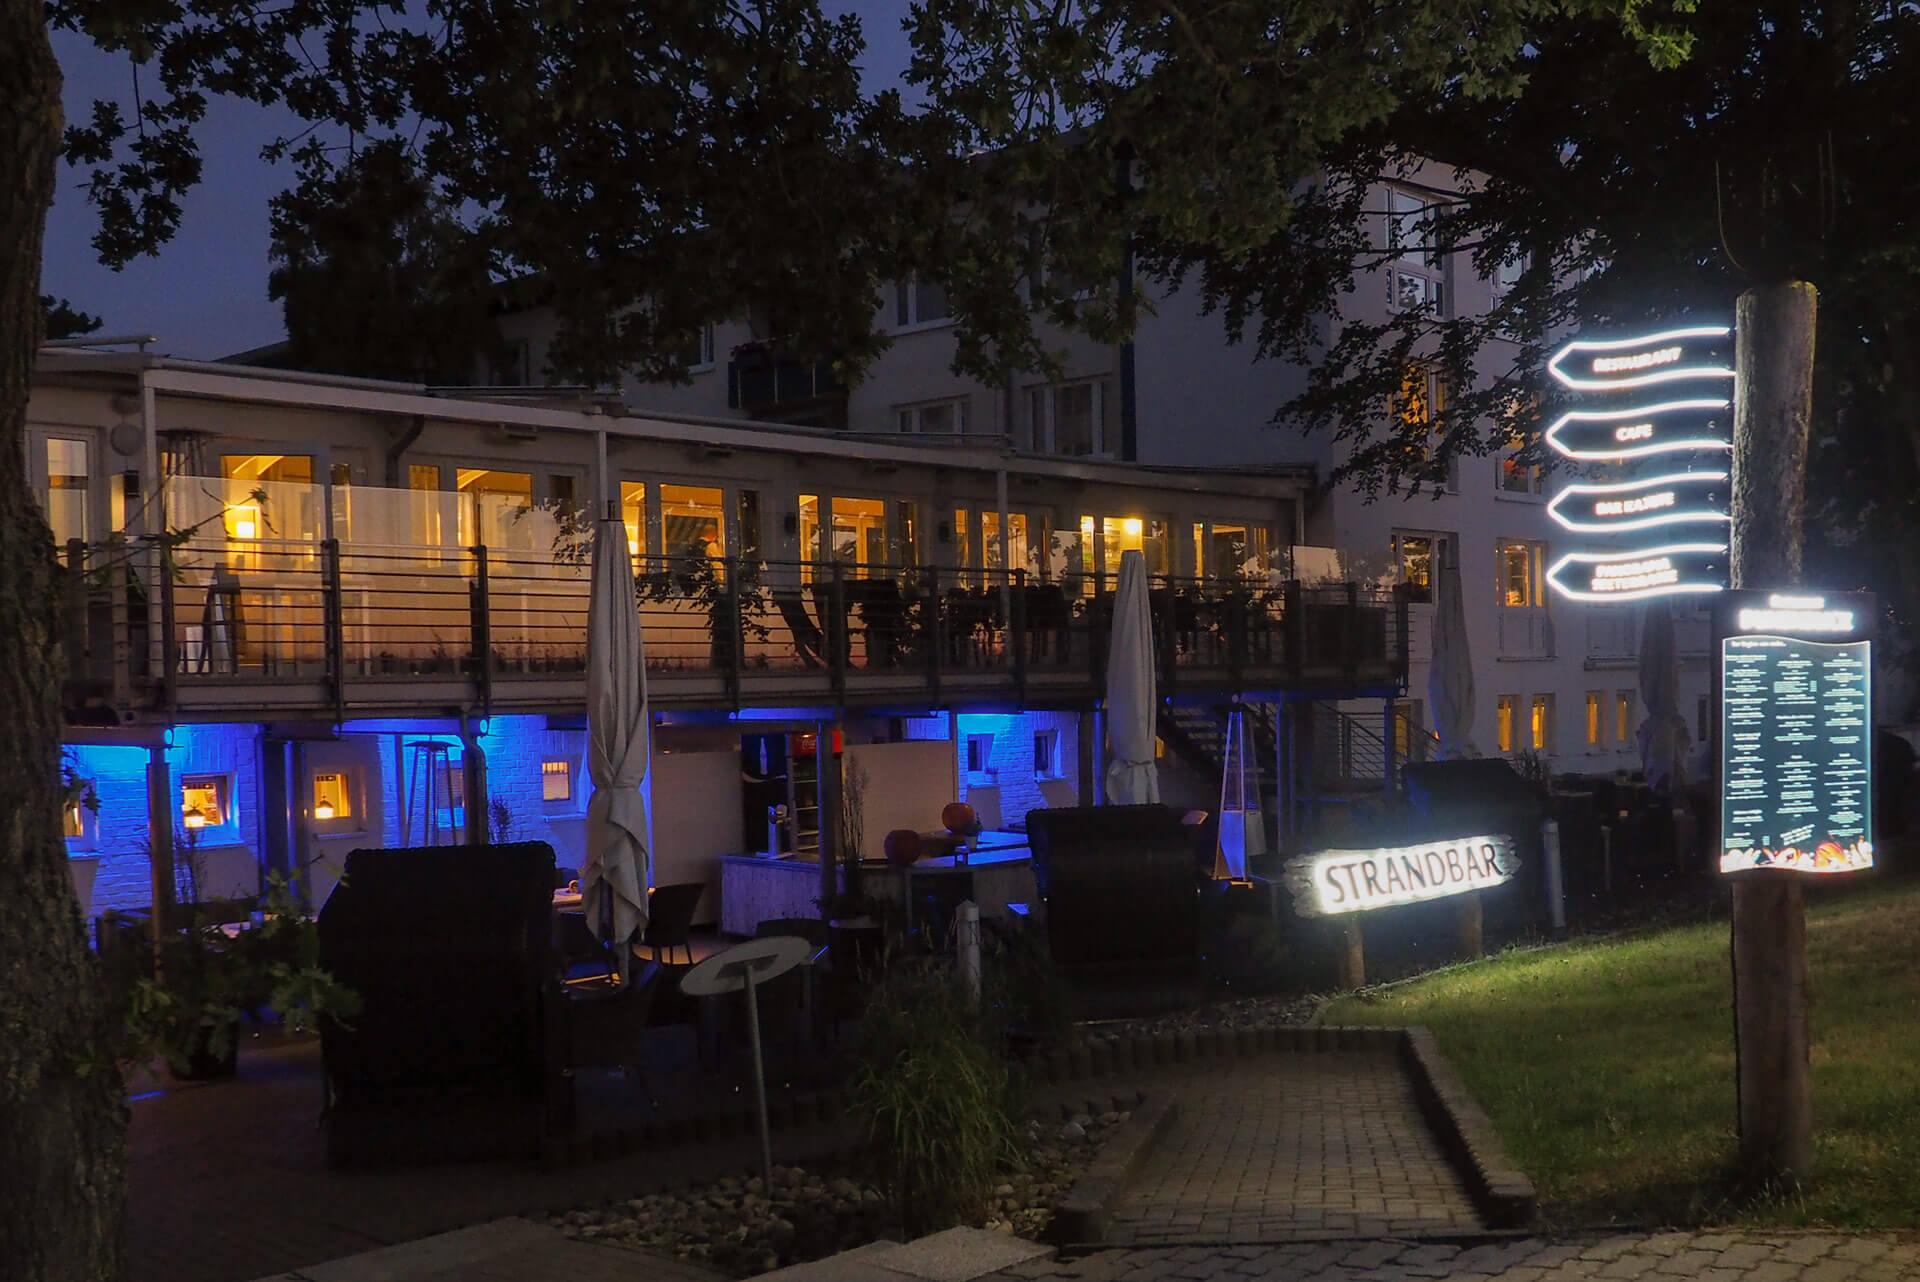 Werbung für Hotels mit Licht